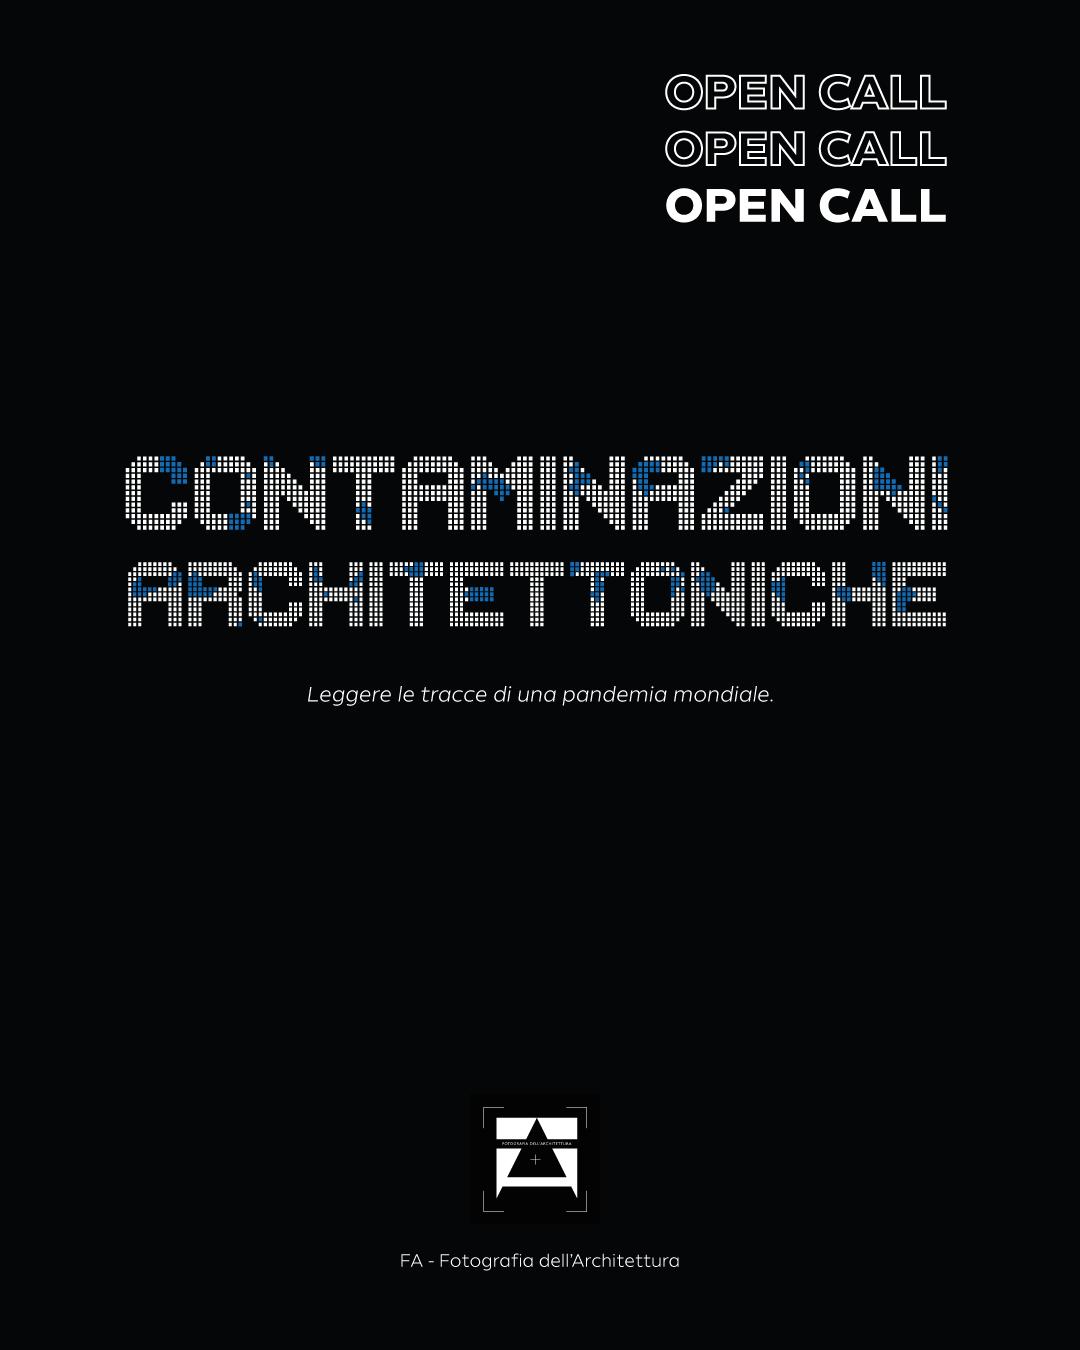 Contaminazioni architettoniche open call fotografia dell'architettura Donata Sasso Leonardo Brancaleoni